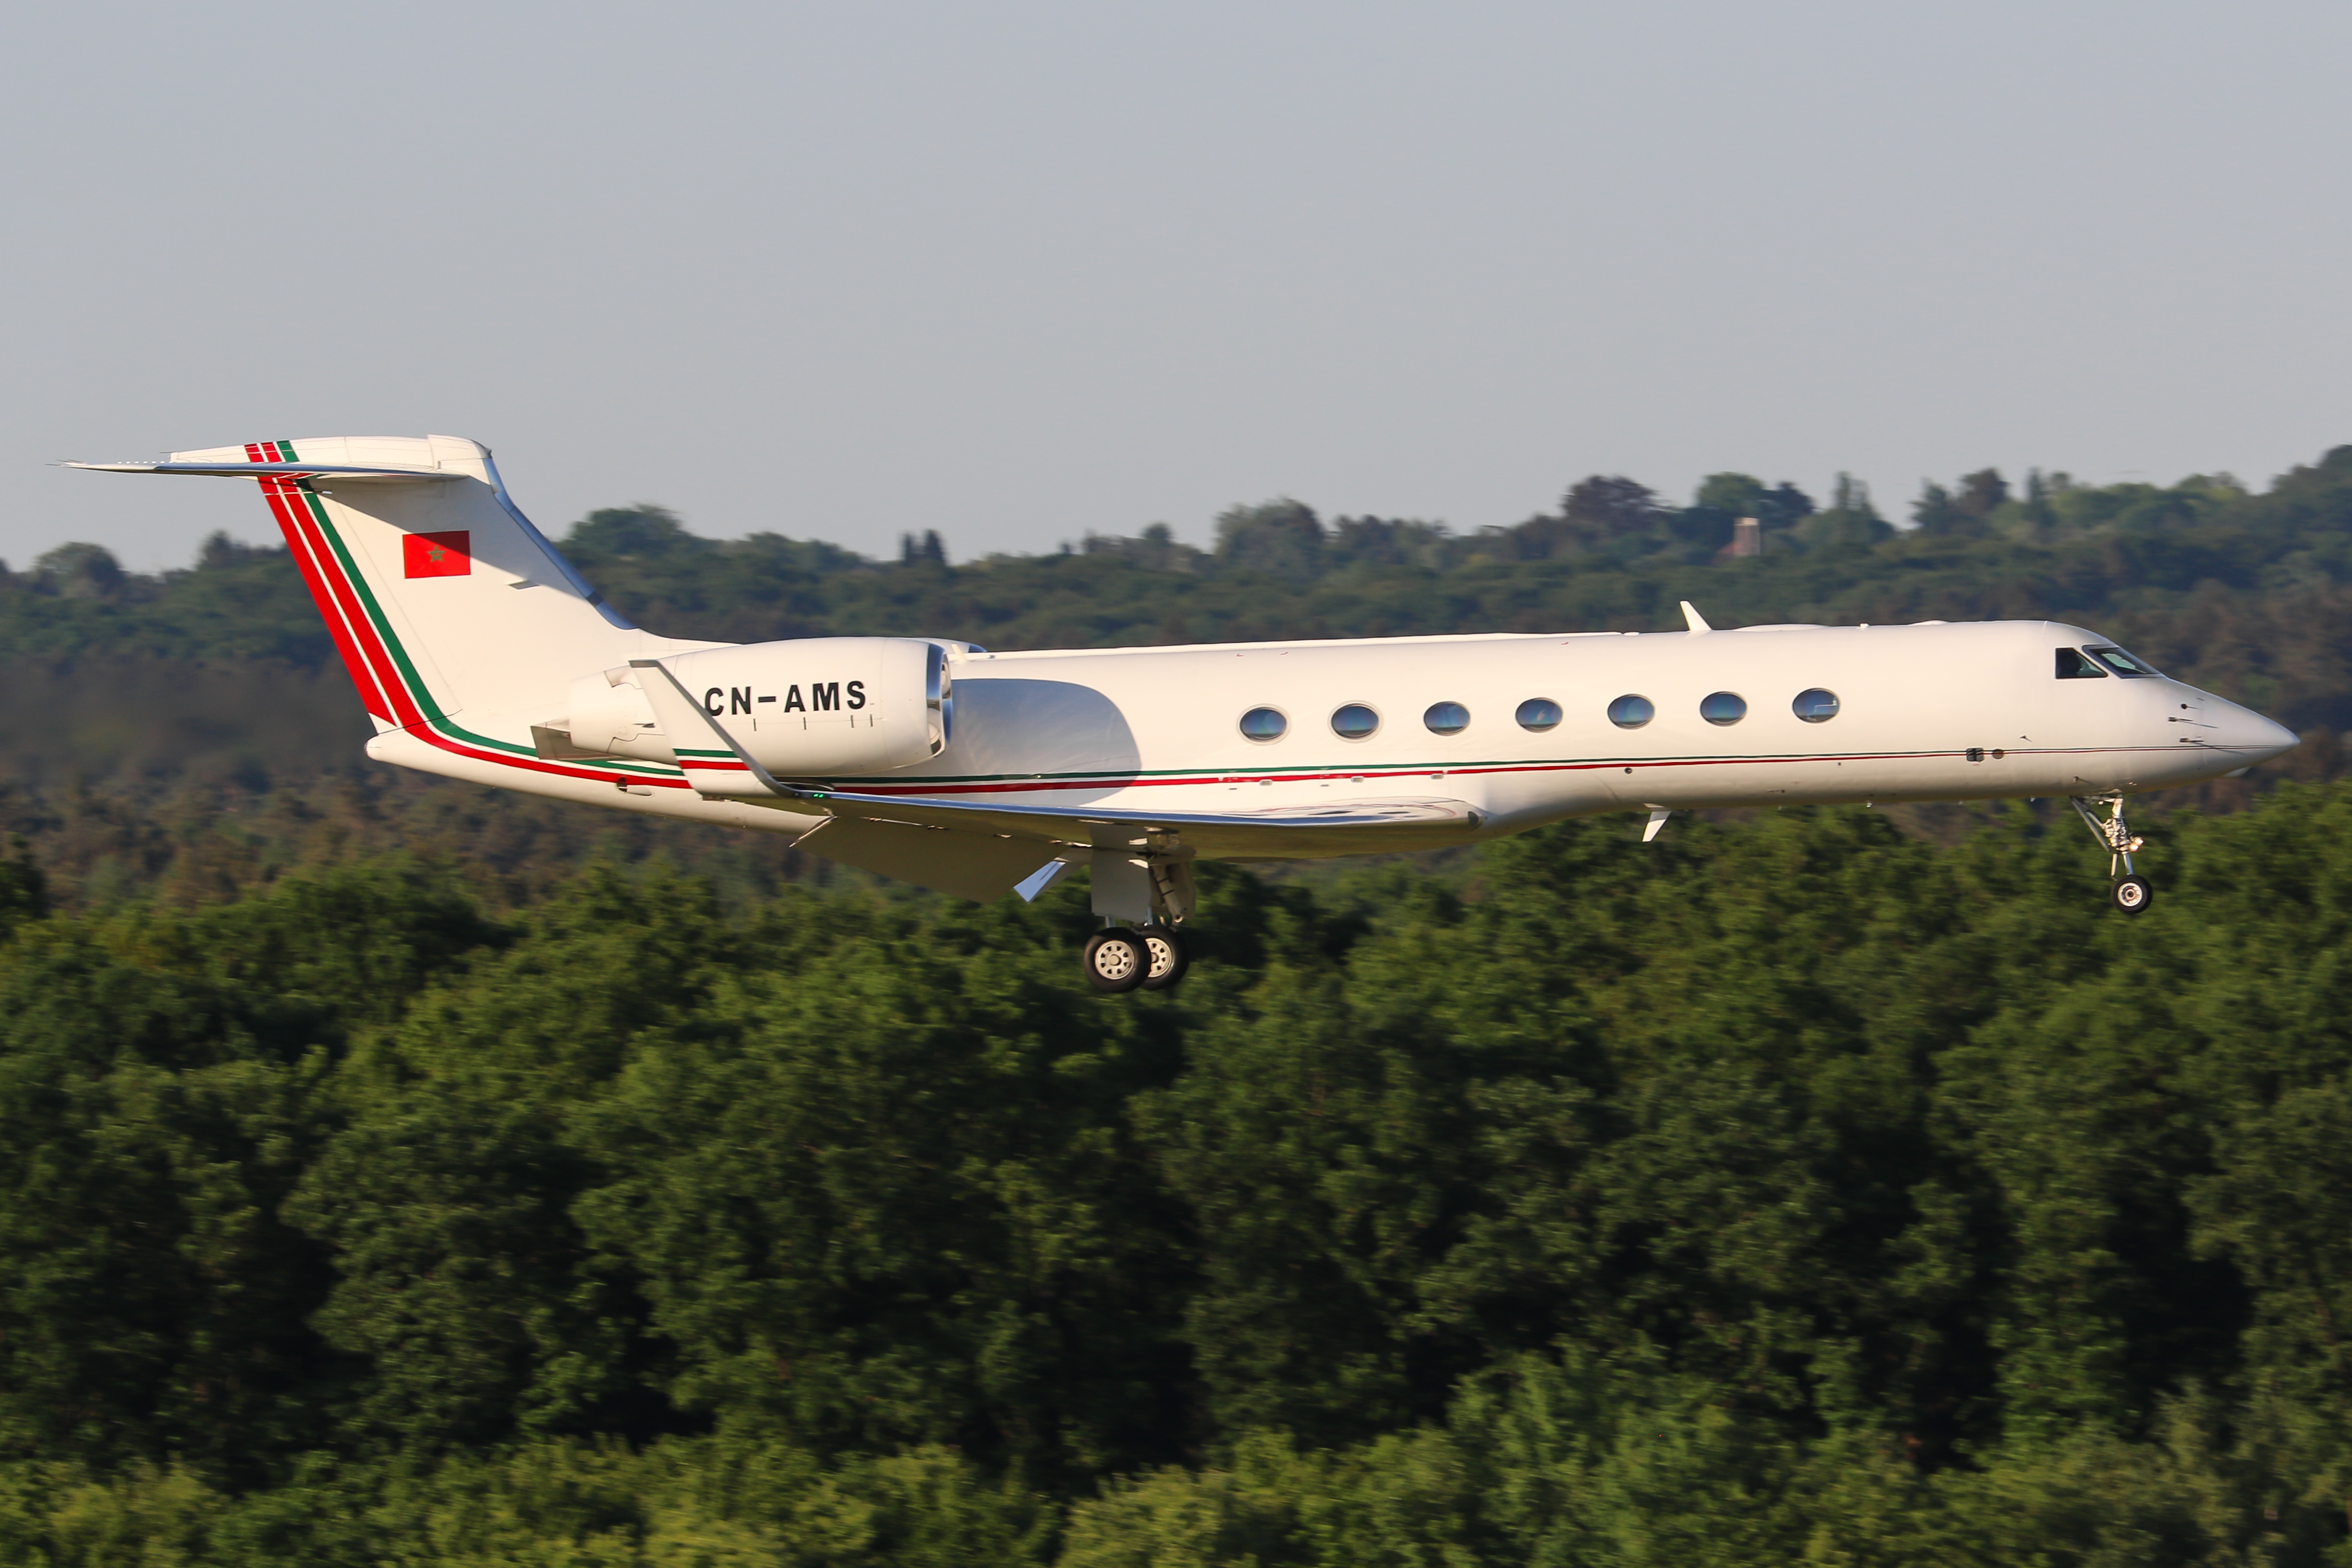 FRA: Avions VIP, Liaison & ECM - Page 19 40154767340_a27c666a61_o